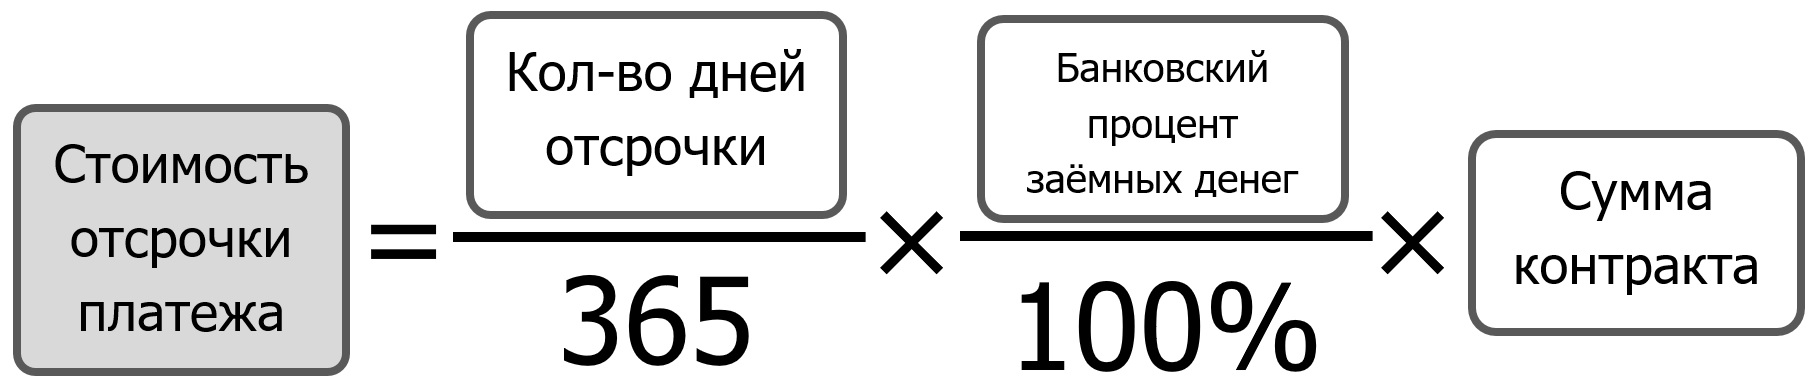 04-stoimost-otsrochki-platezha